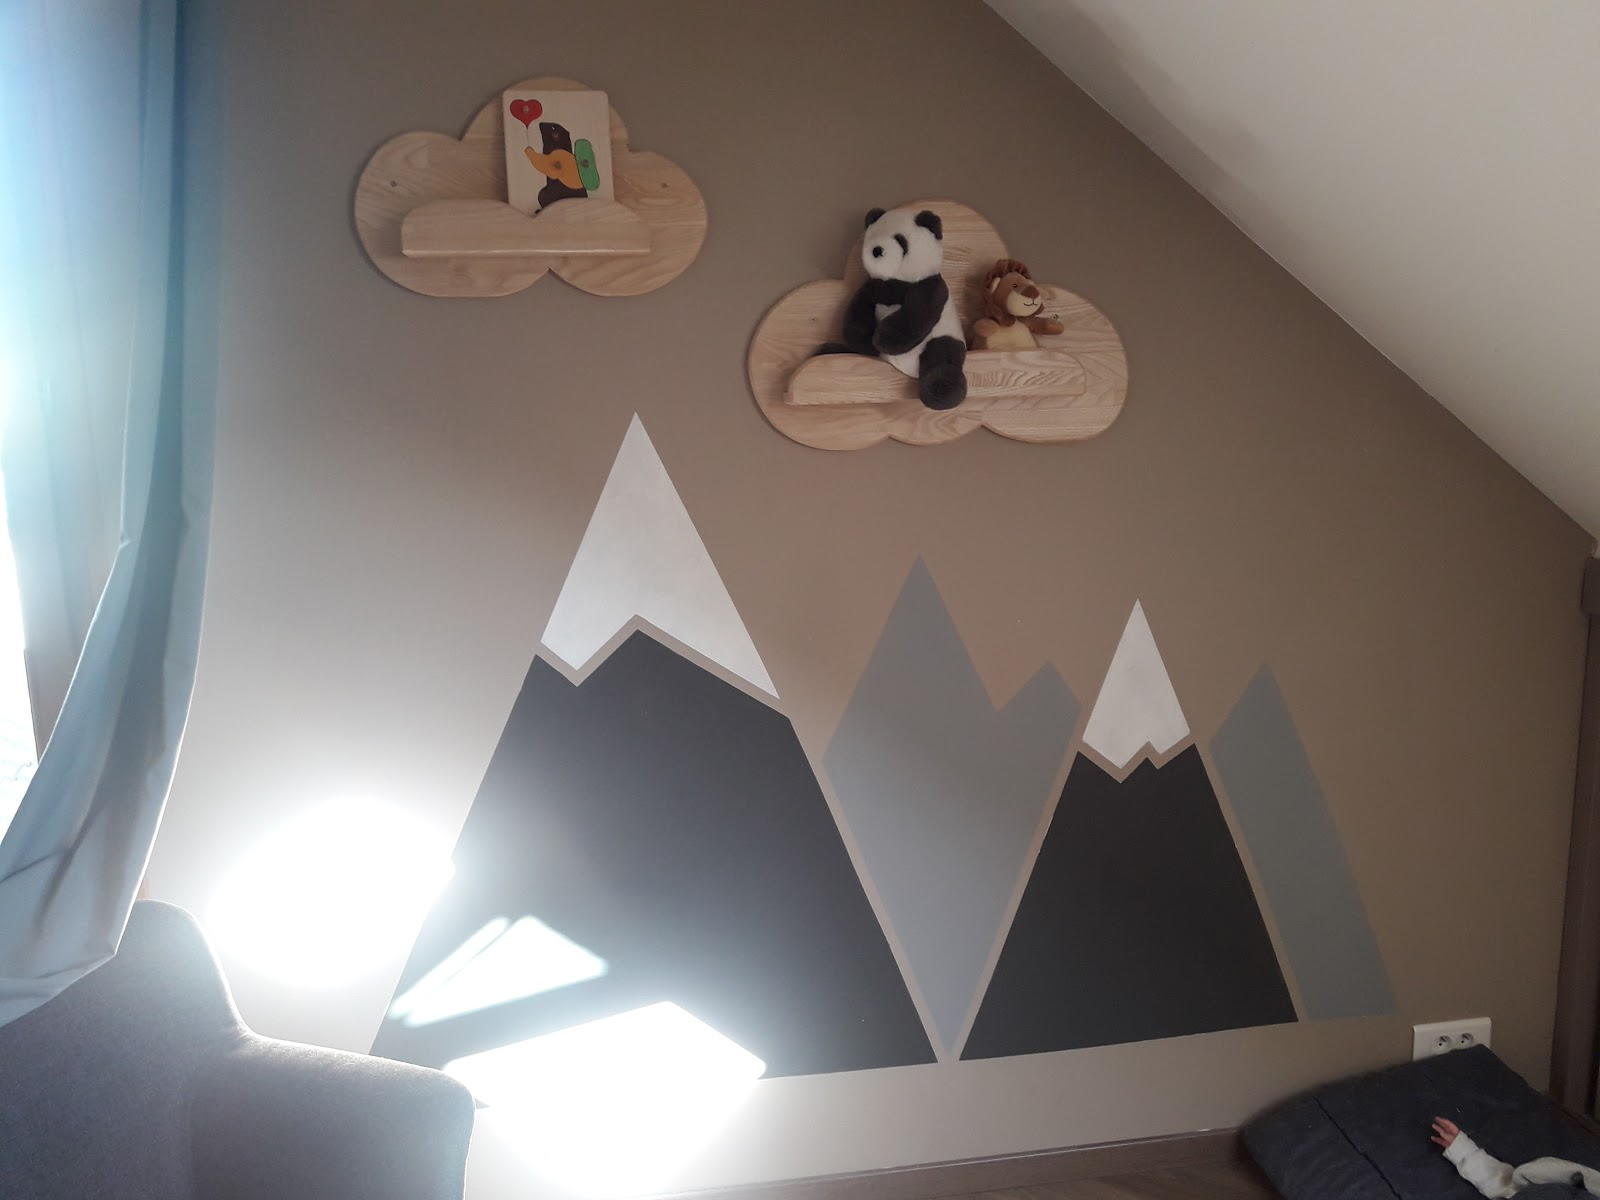 V Comme Violette La Chambre De Bebe Peinture Montagne